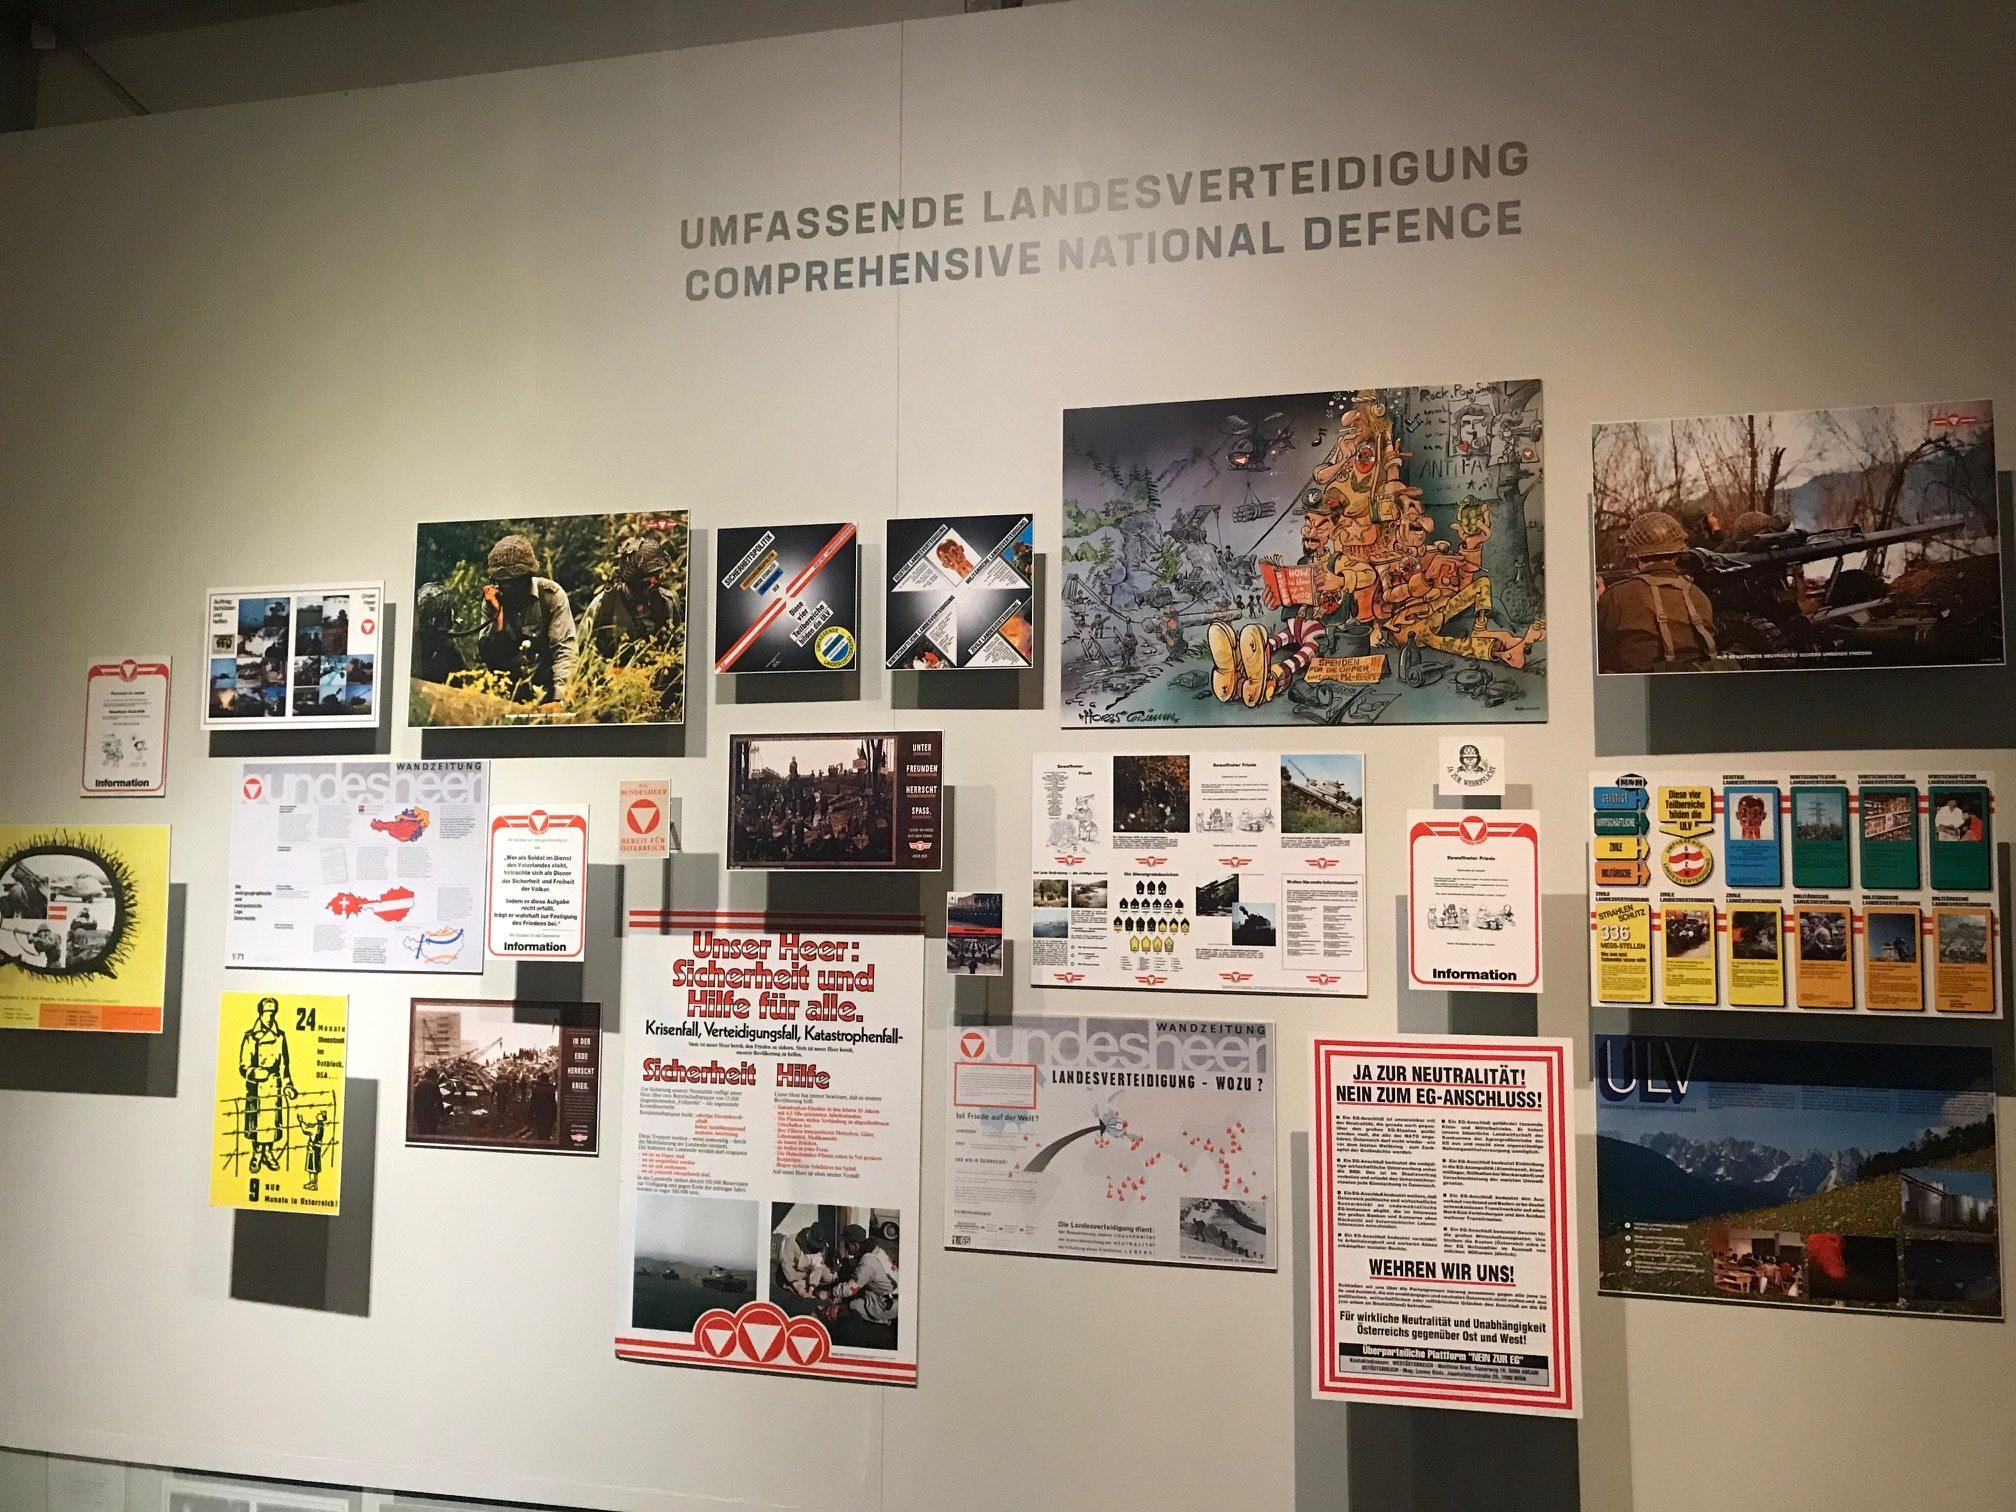 """Aula-Plakat als größtes Objekt an der Wand zur """"umfassenden Landesverteidigung"""": Es gibt dazu keine Beschriftungen!"""